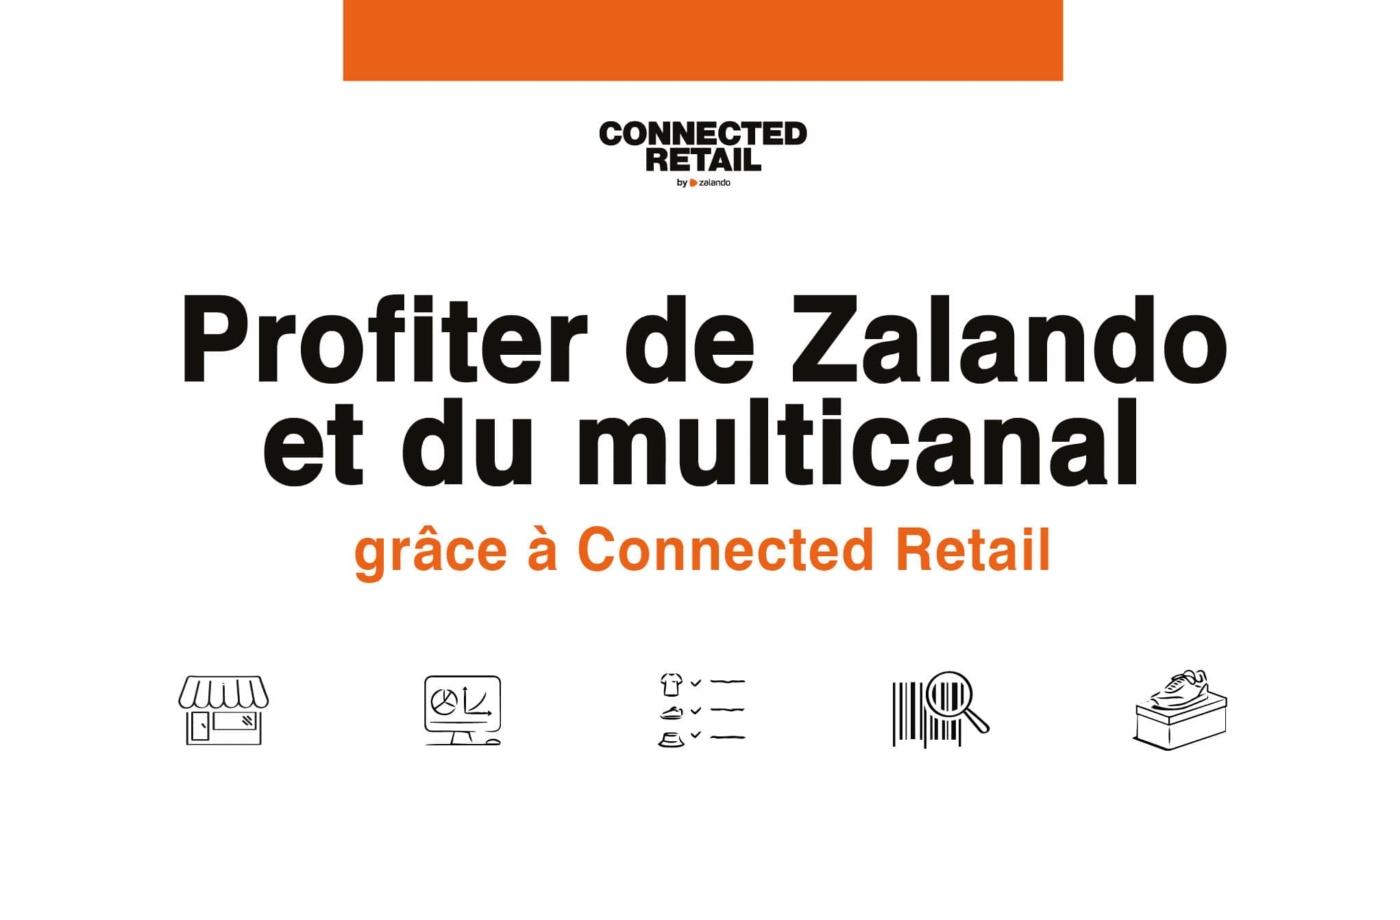 zalando connected retail 1400x920 1